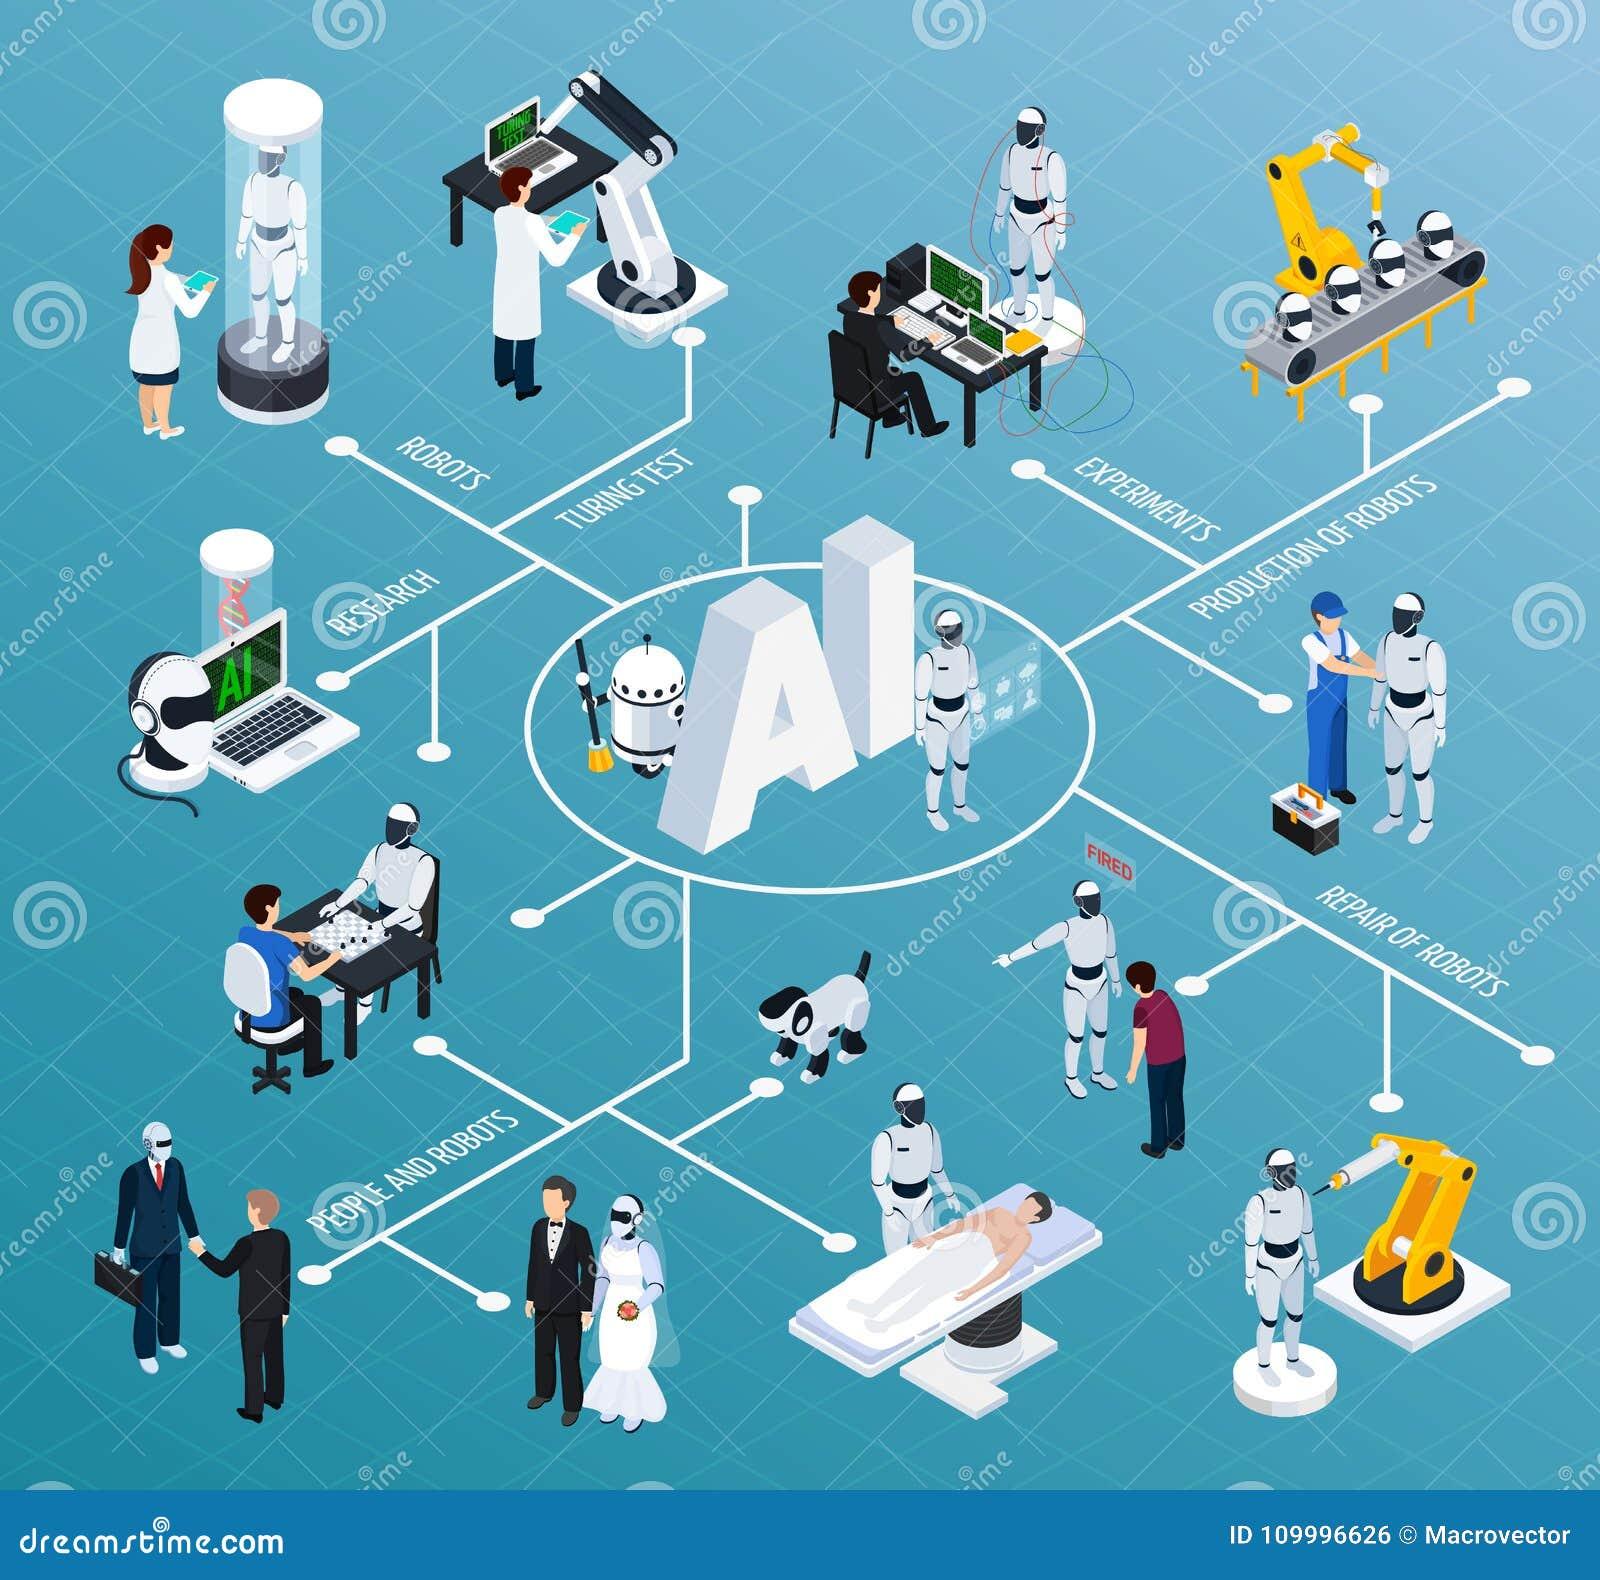 Схема технологического процесса искусственного интеллекта равновеликая